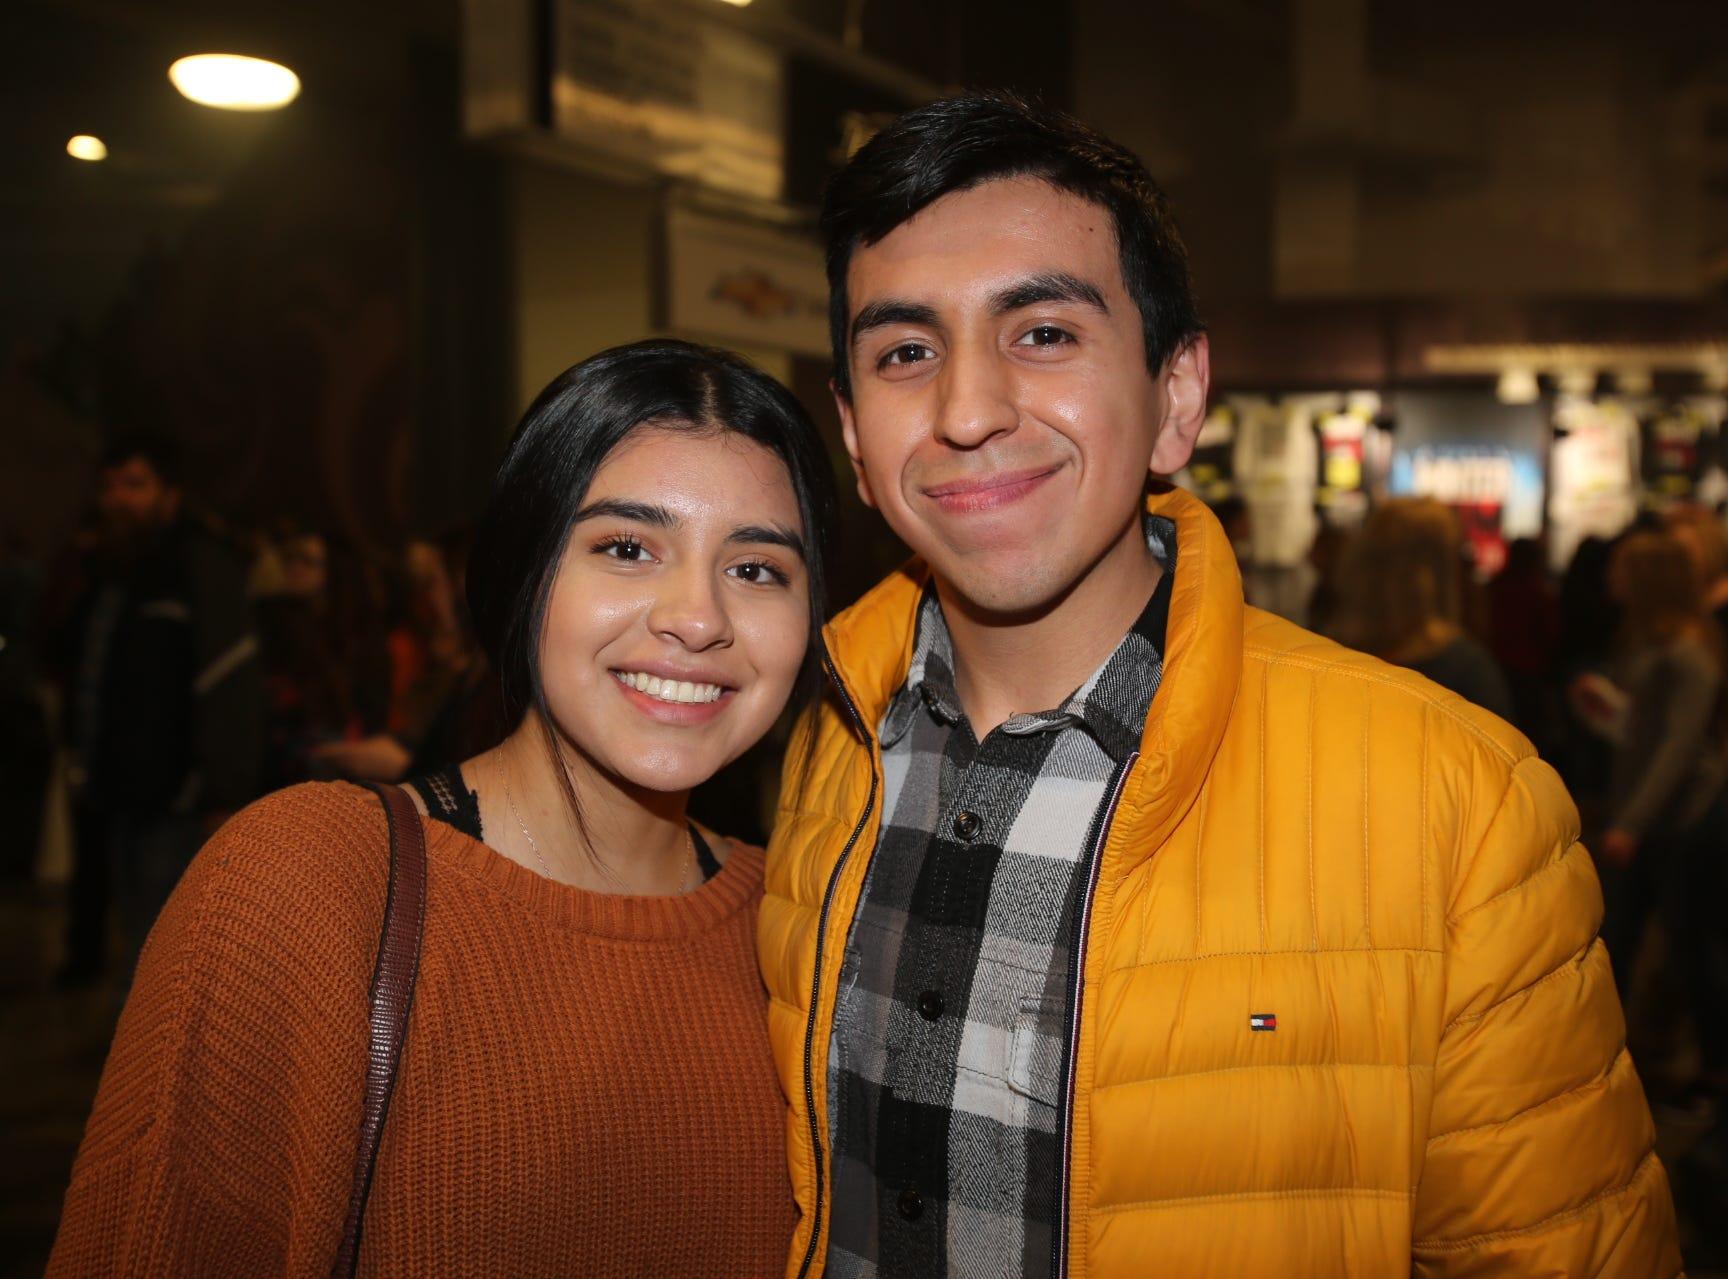 Breanna Garduno and Alexis Murcado